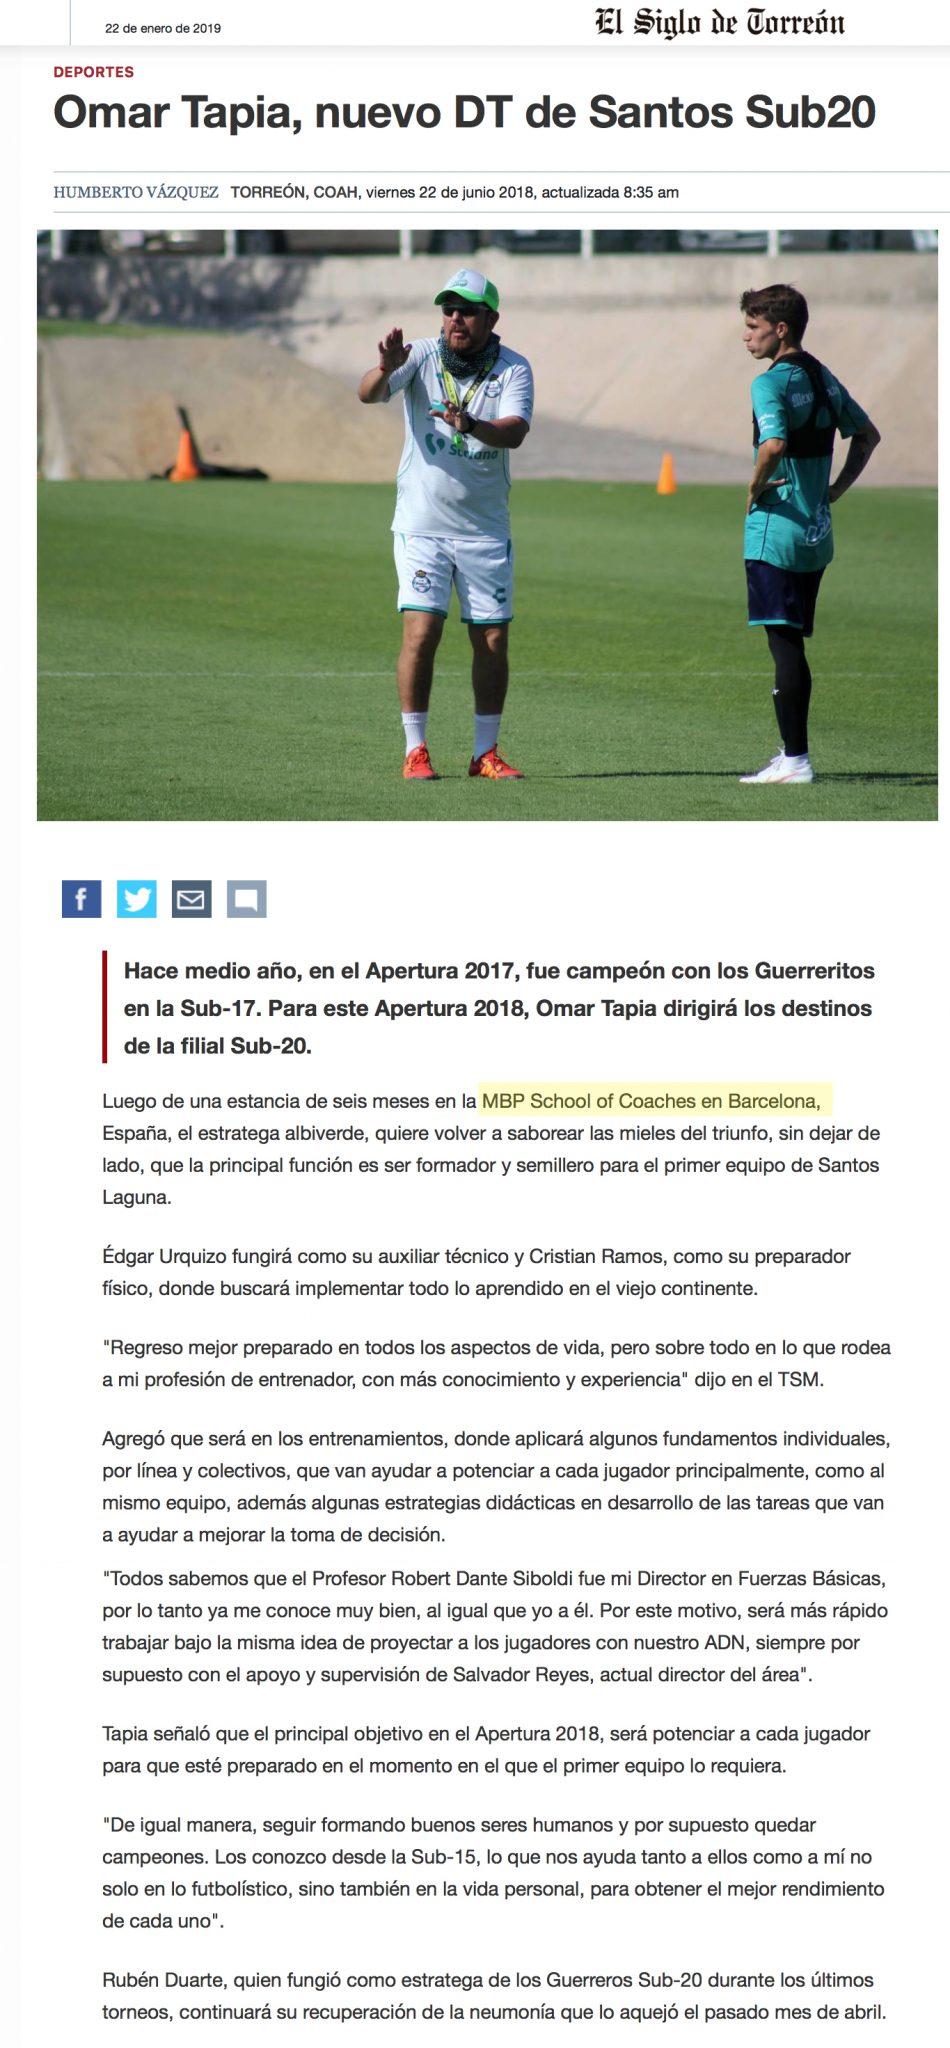 Omar Tapia, nuevo DT de Santos Sub20